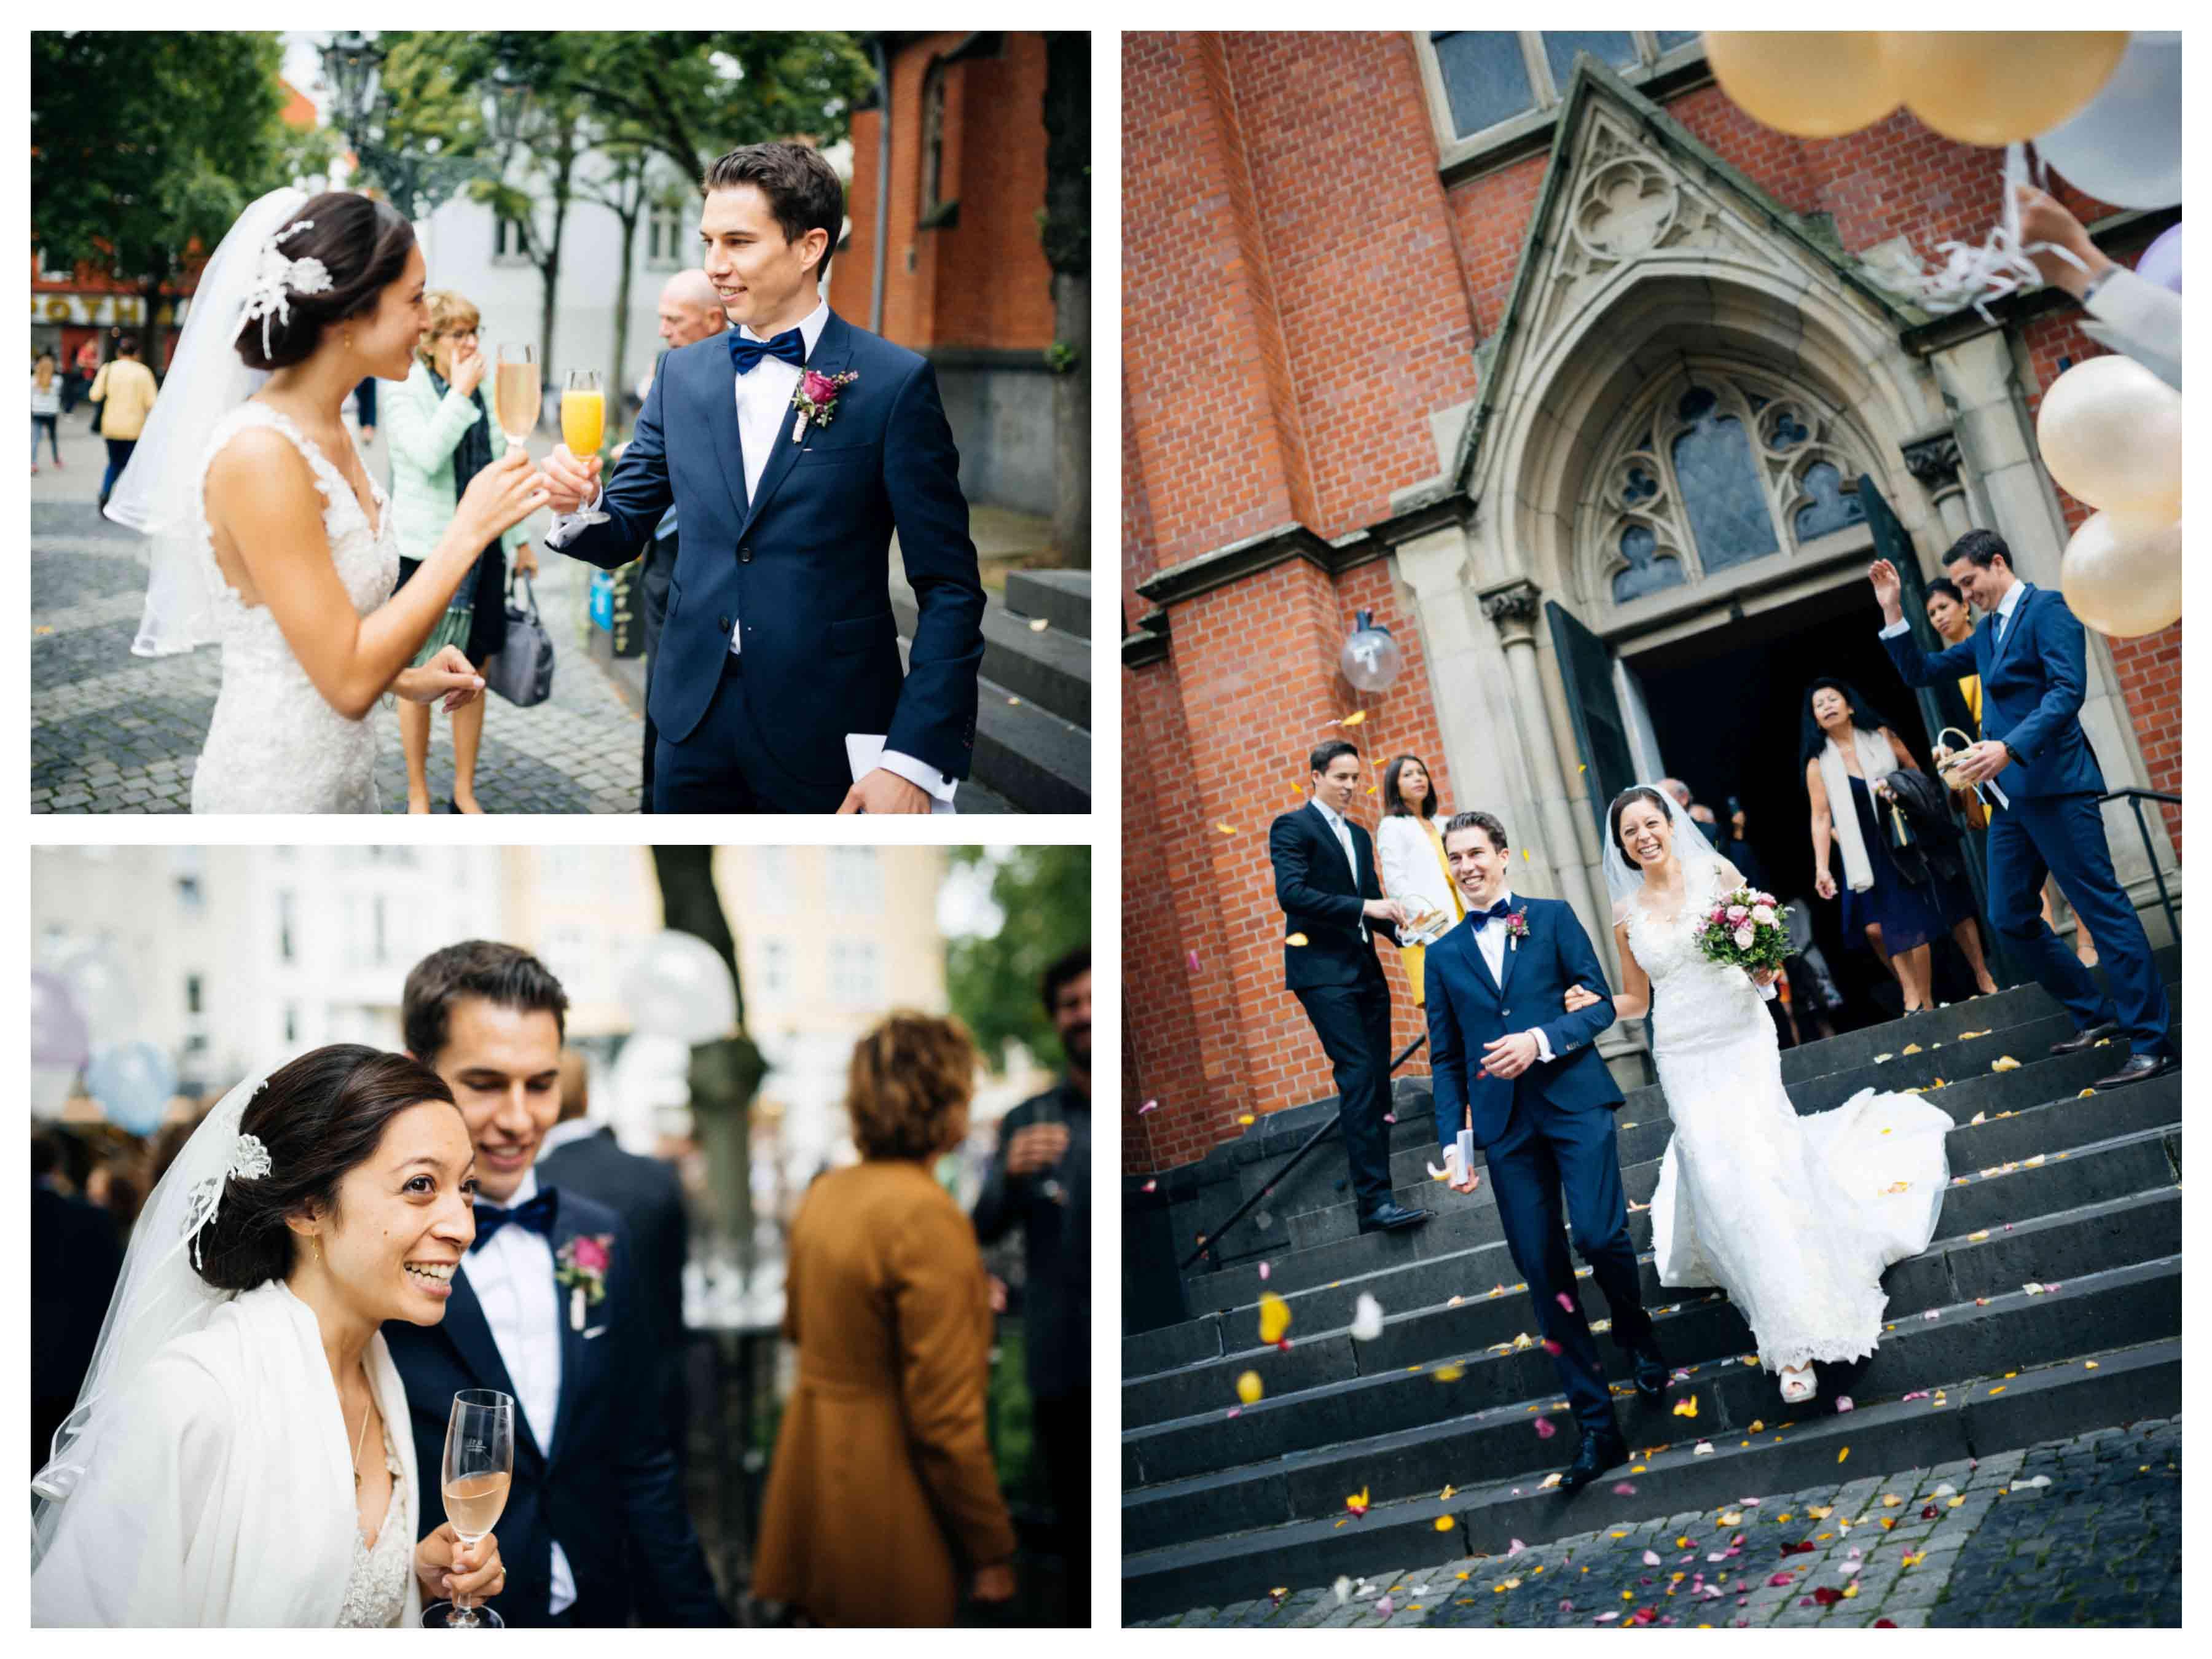 Echte Hochzeiten - 2016 - Isabelle Thiemann - Köln - Couture Brautkleid